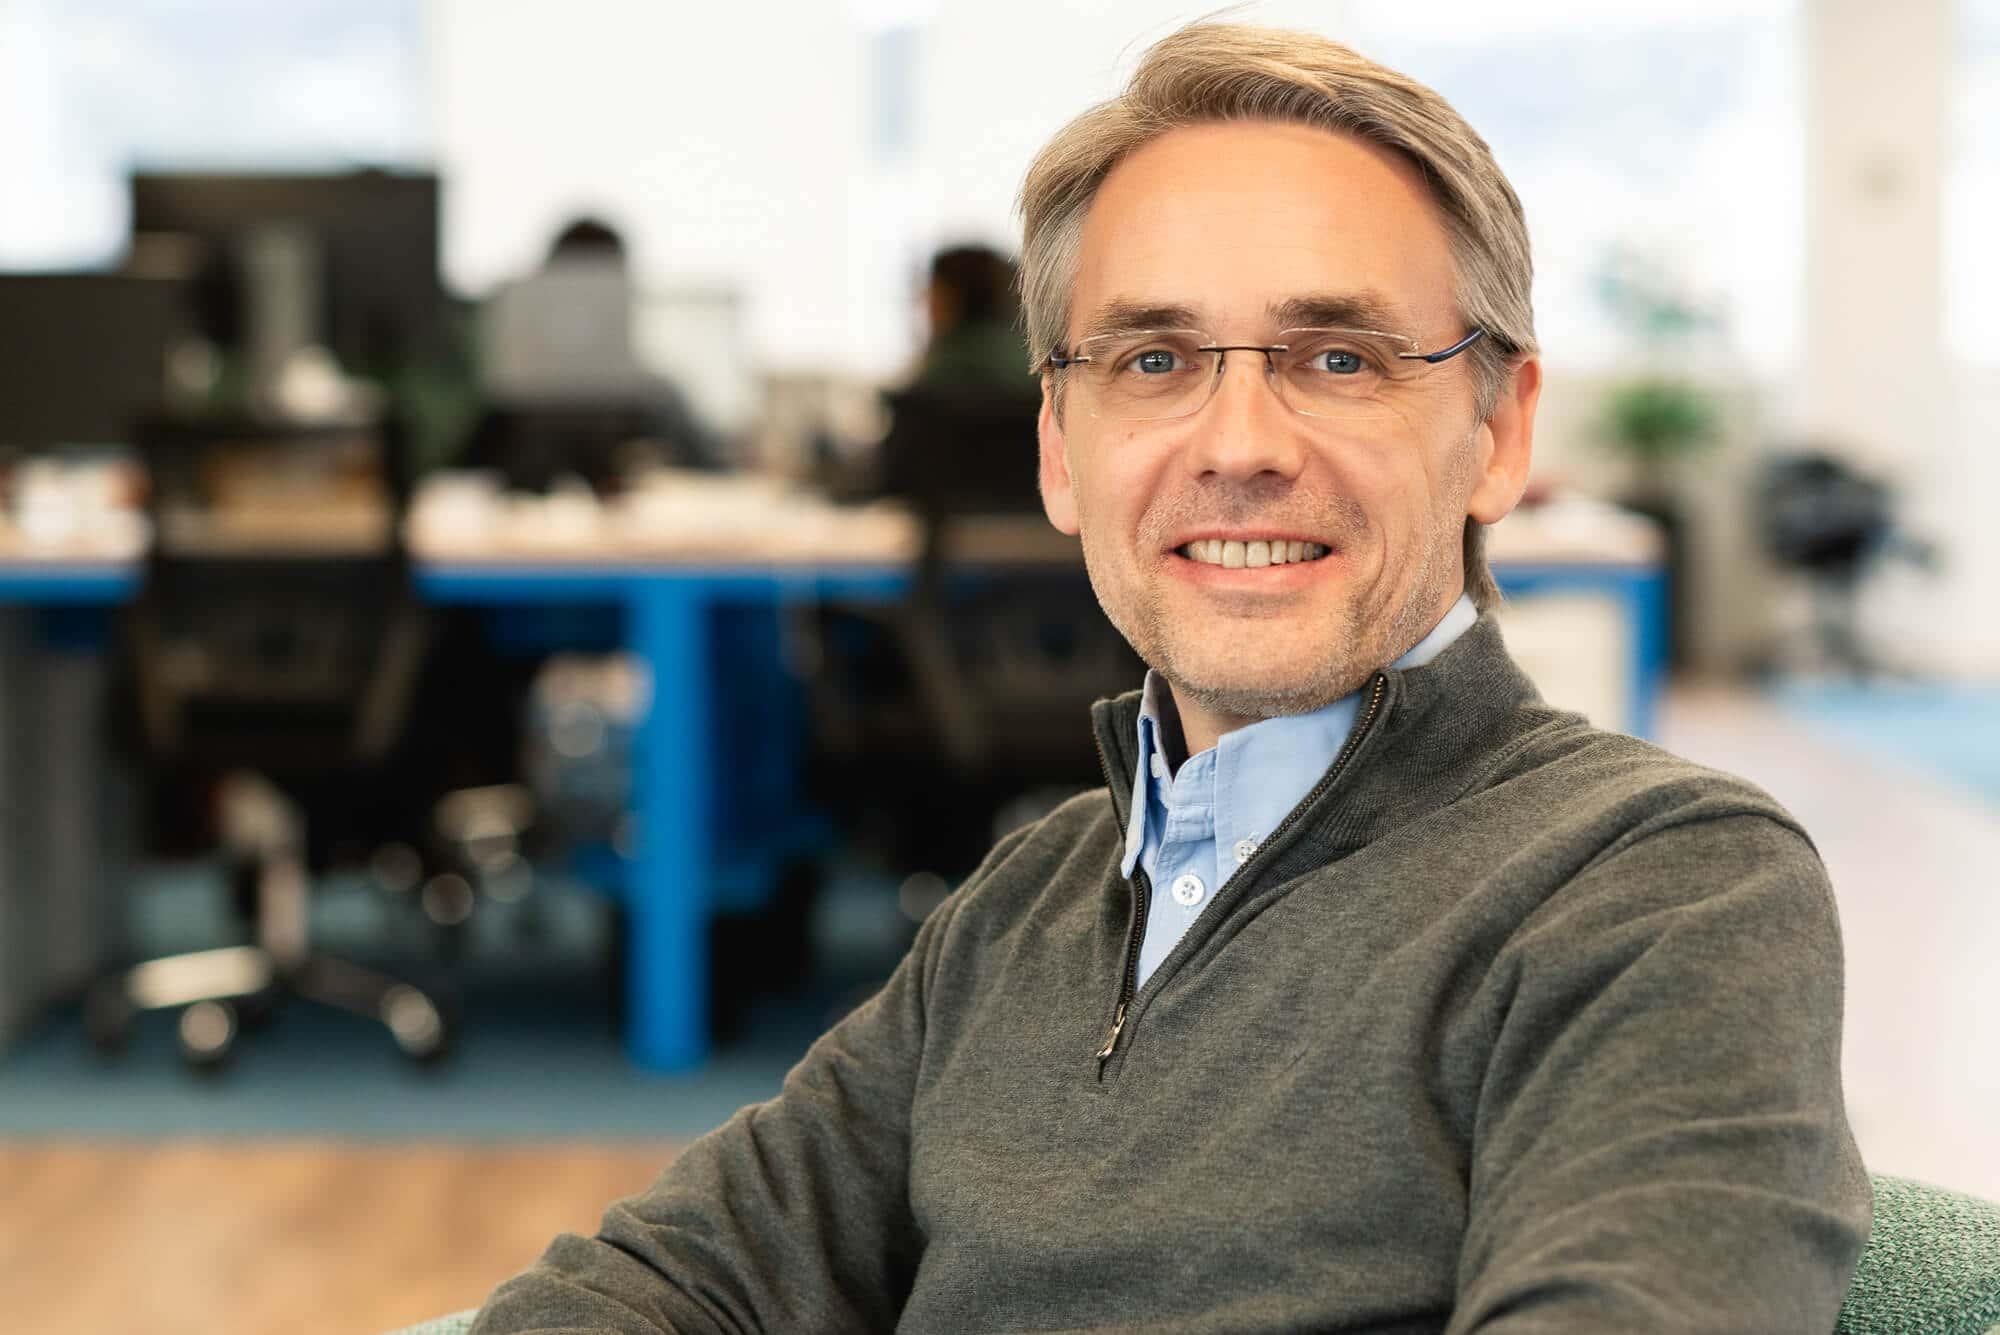 El director financiero de Worldsensing, David Deprez.